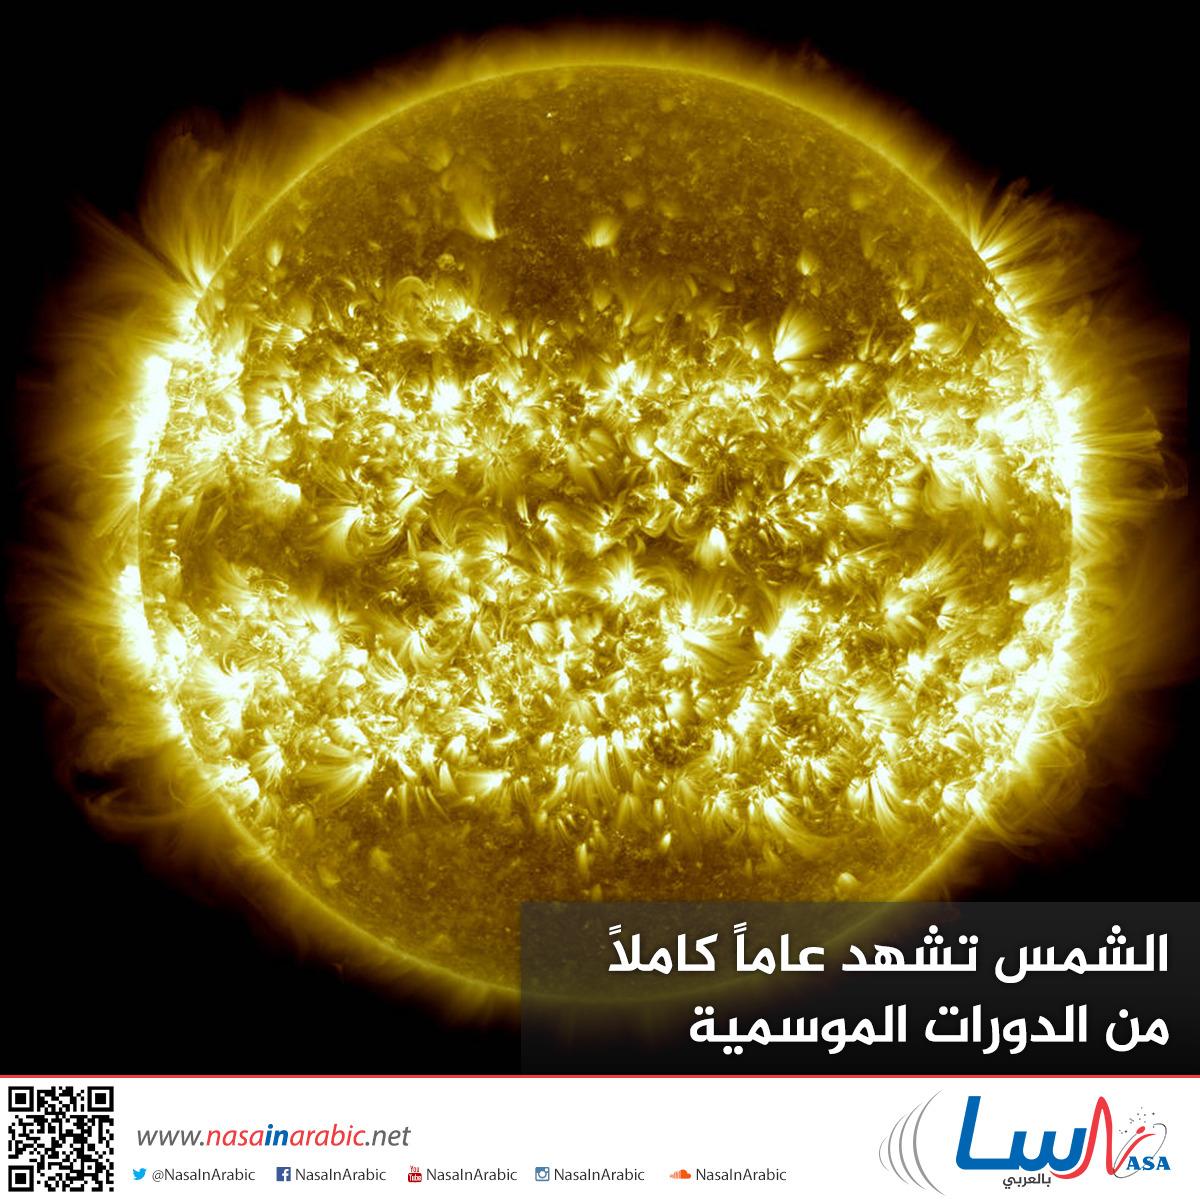 الشمس تشهد عاماً كاملاً من الدورات الموسمية